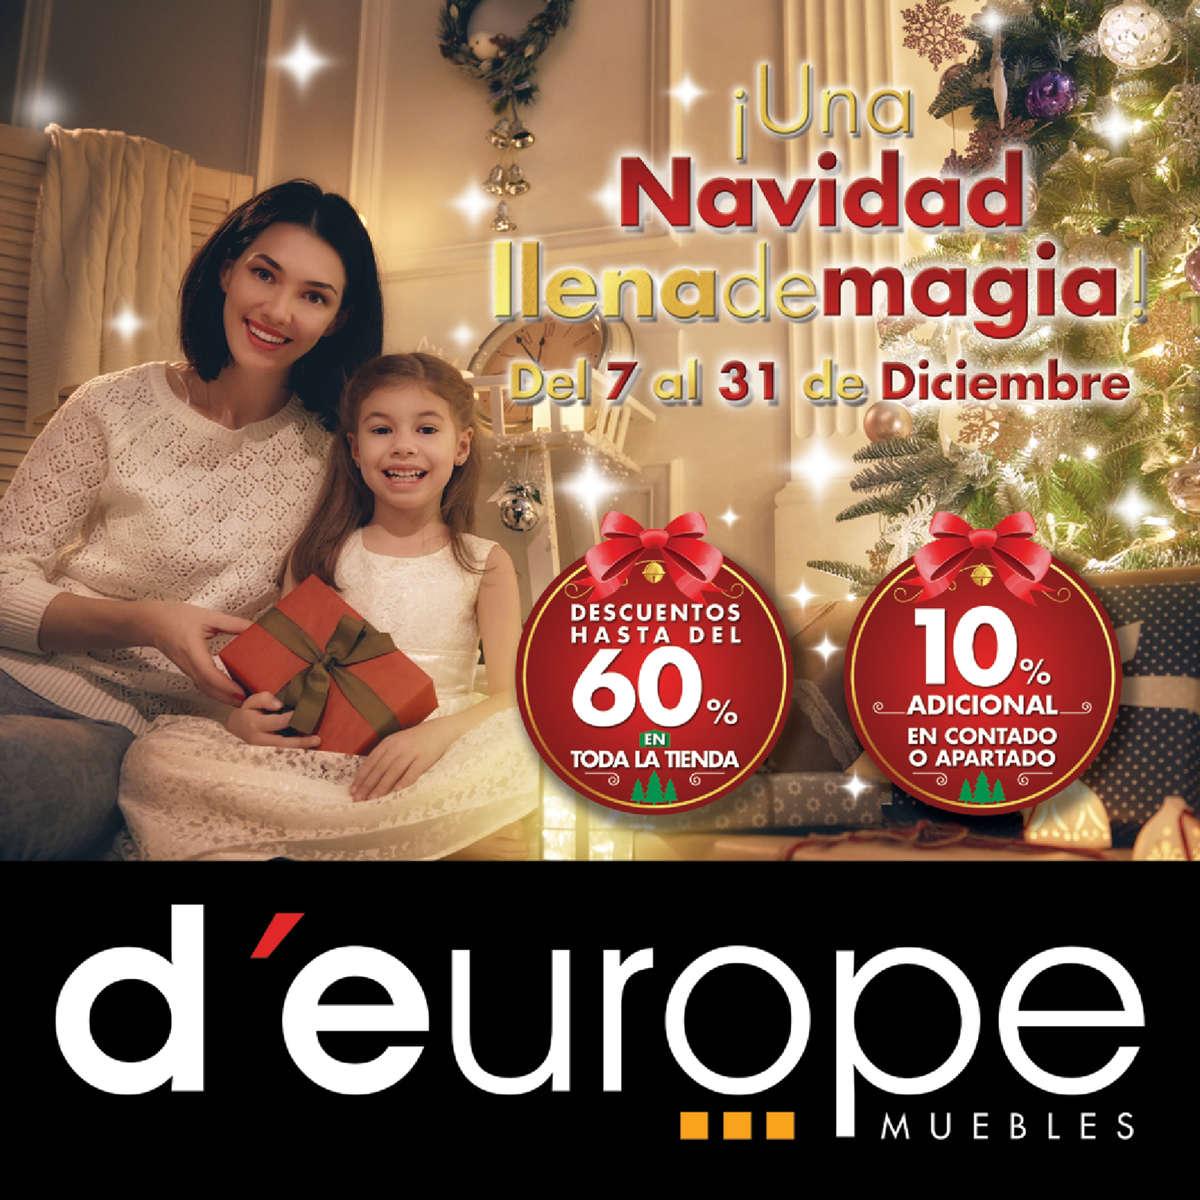 D Europe Muebles Navidad Llena De Magia Hasta 60 De Descuento  # Muebles Deurope